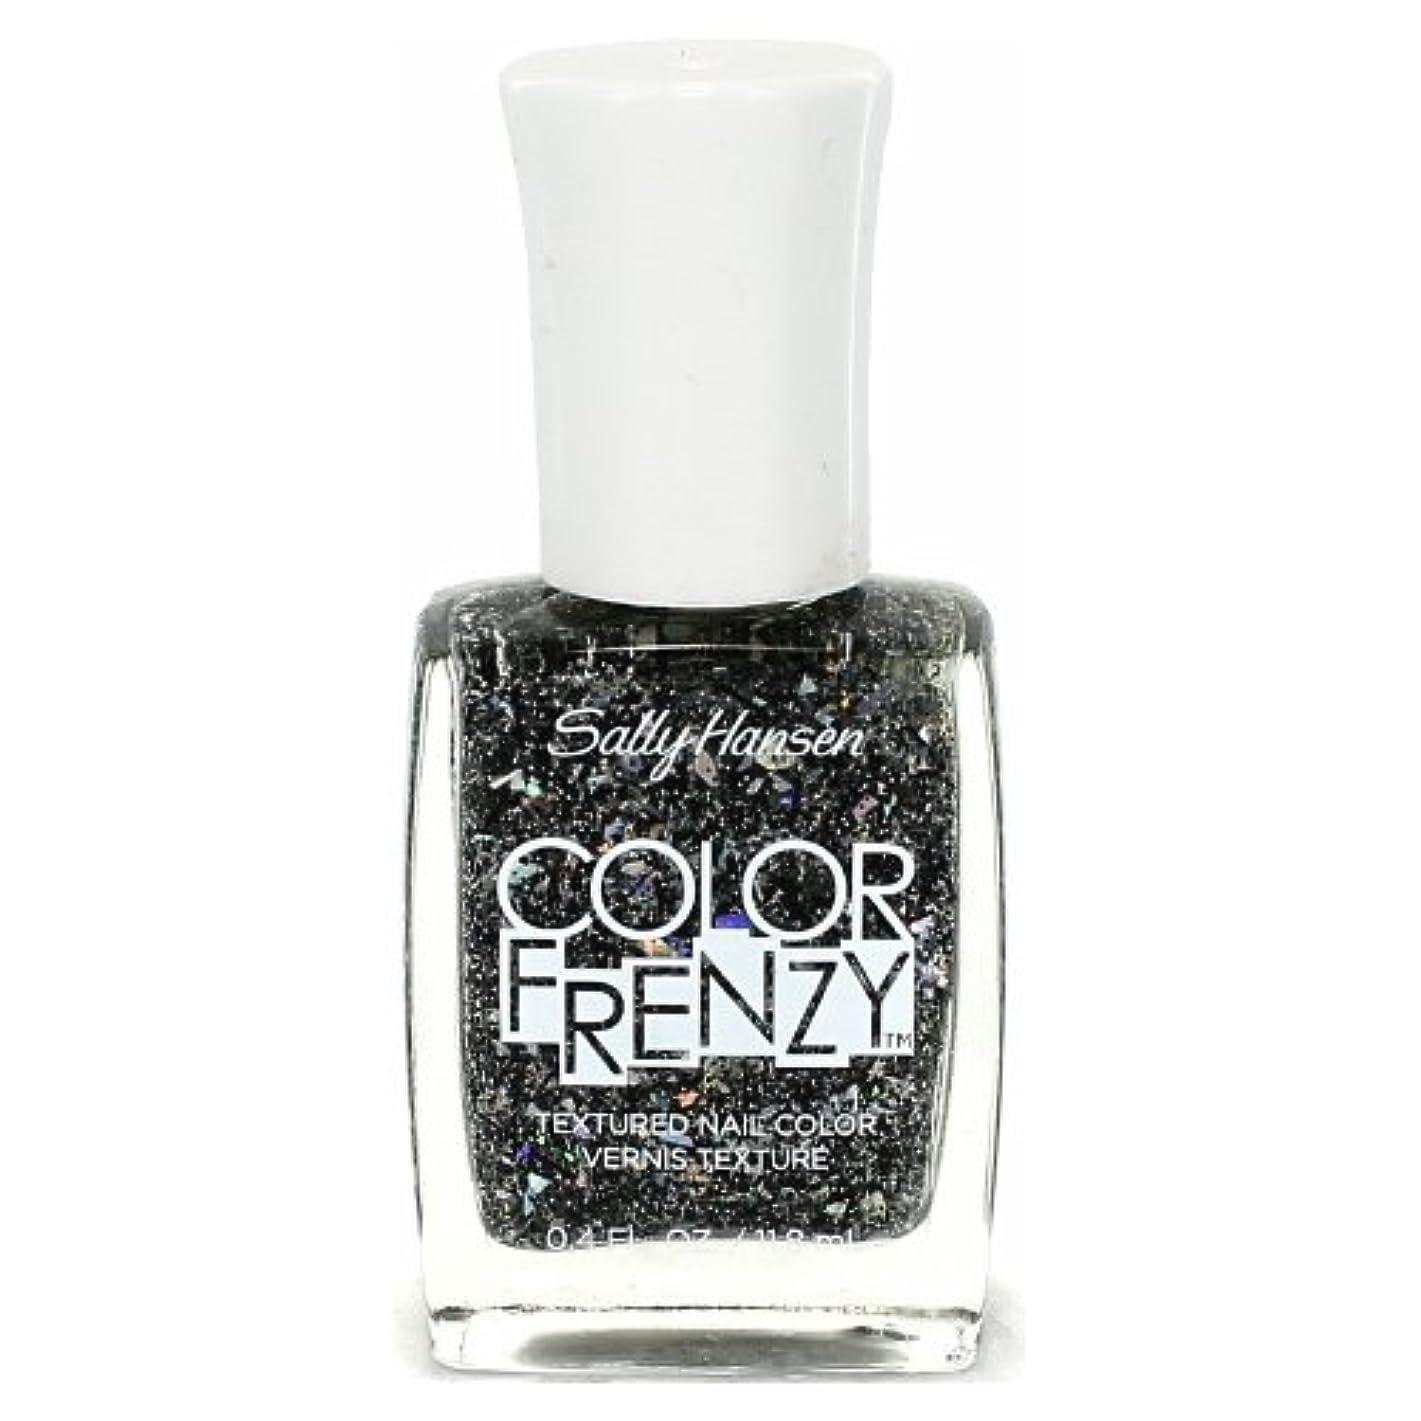 発行する悪意のある兵器庫(6 Pack) SALLY HANSEN Color Frenzy Textured Nail Color - Spark & Pepper (並行輸入品)